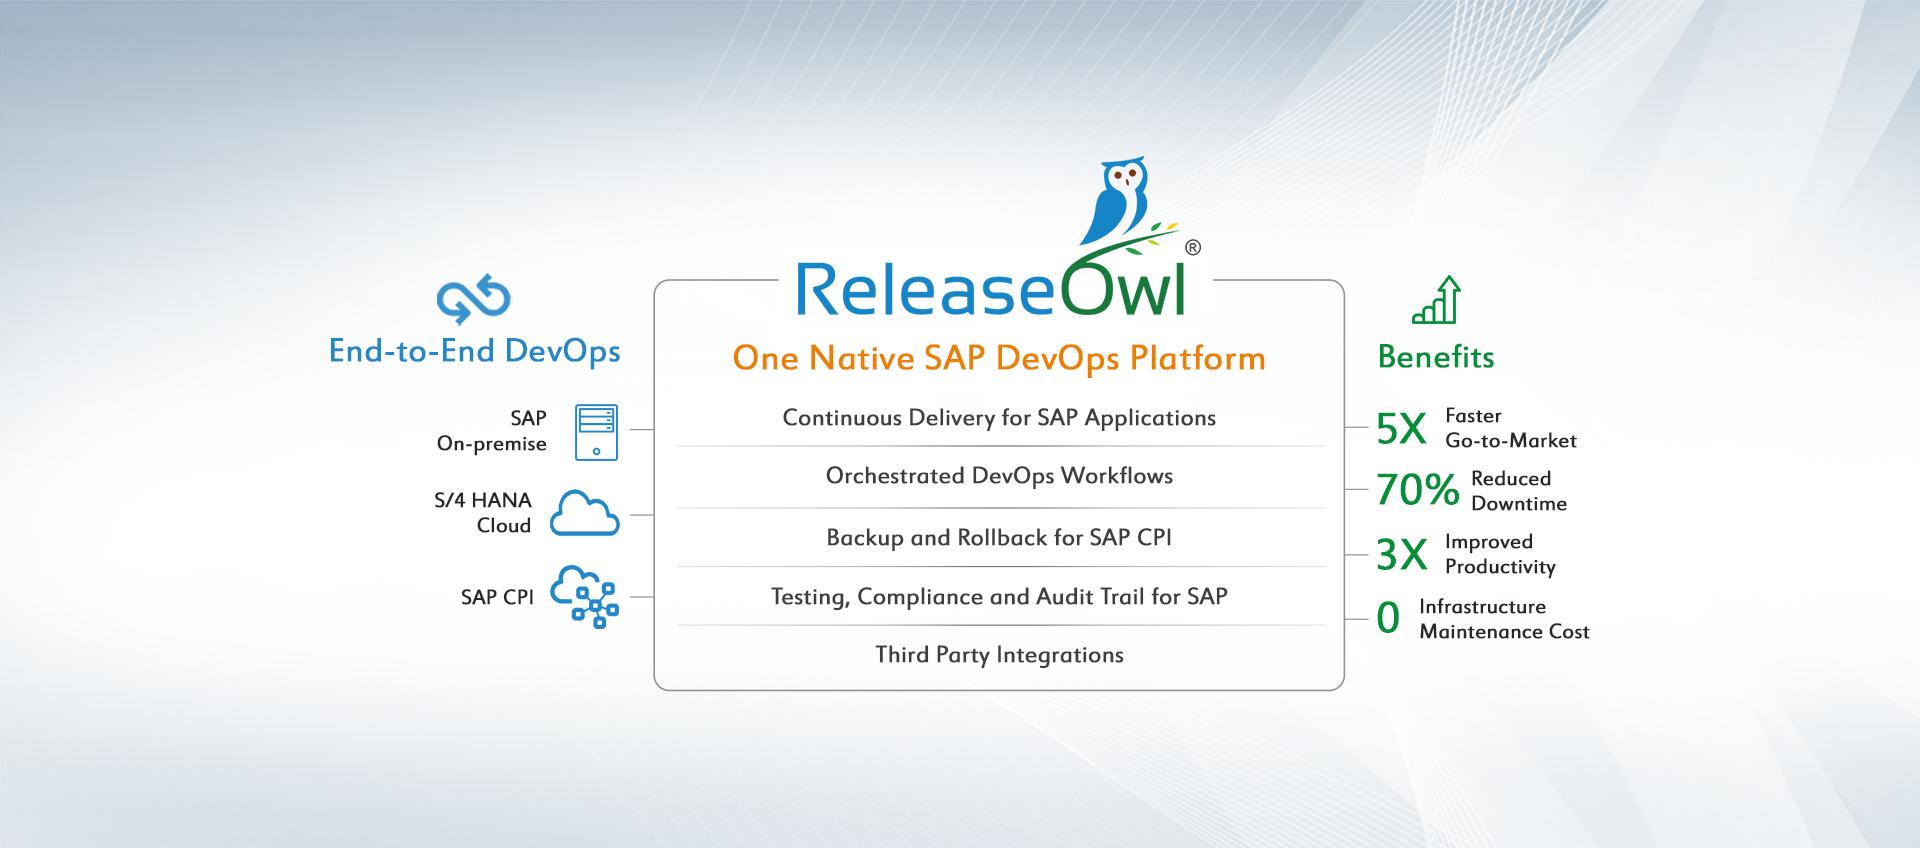 One Native SAP DevOps Platform